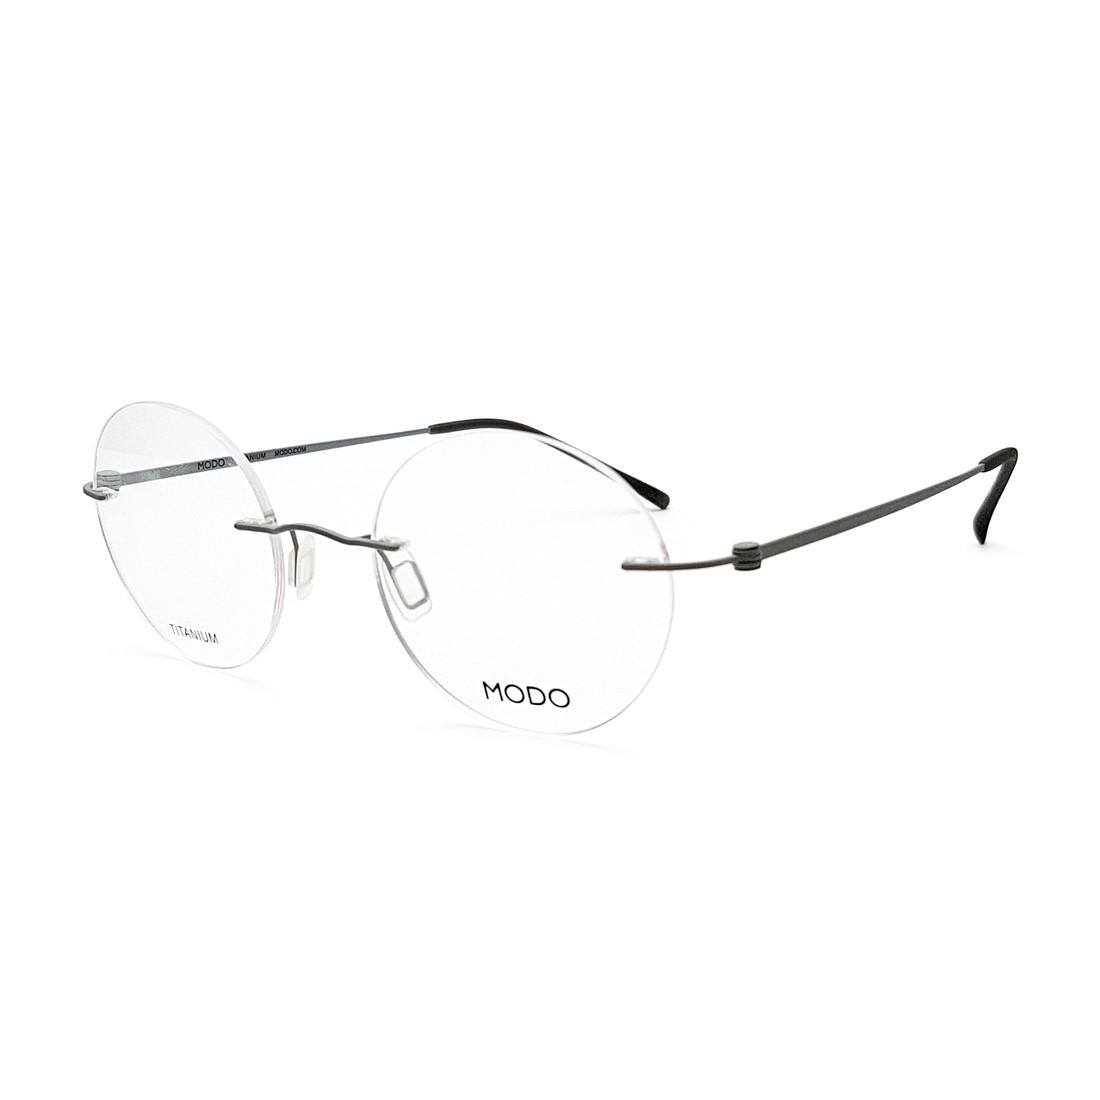 MODO 4605